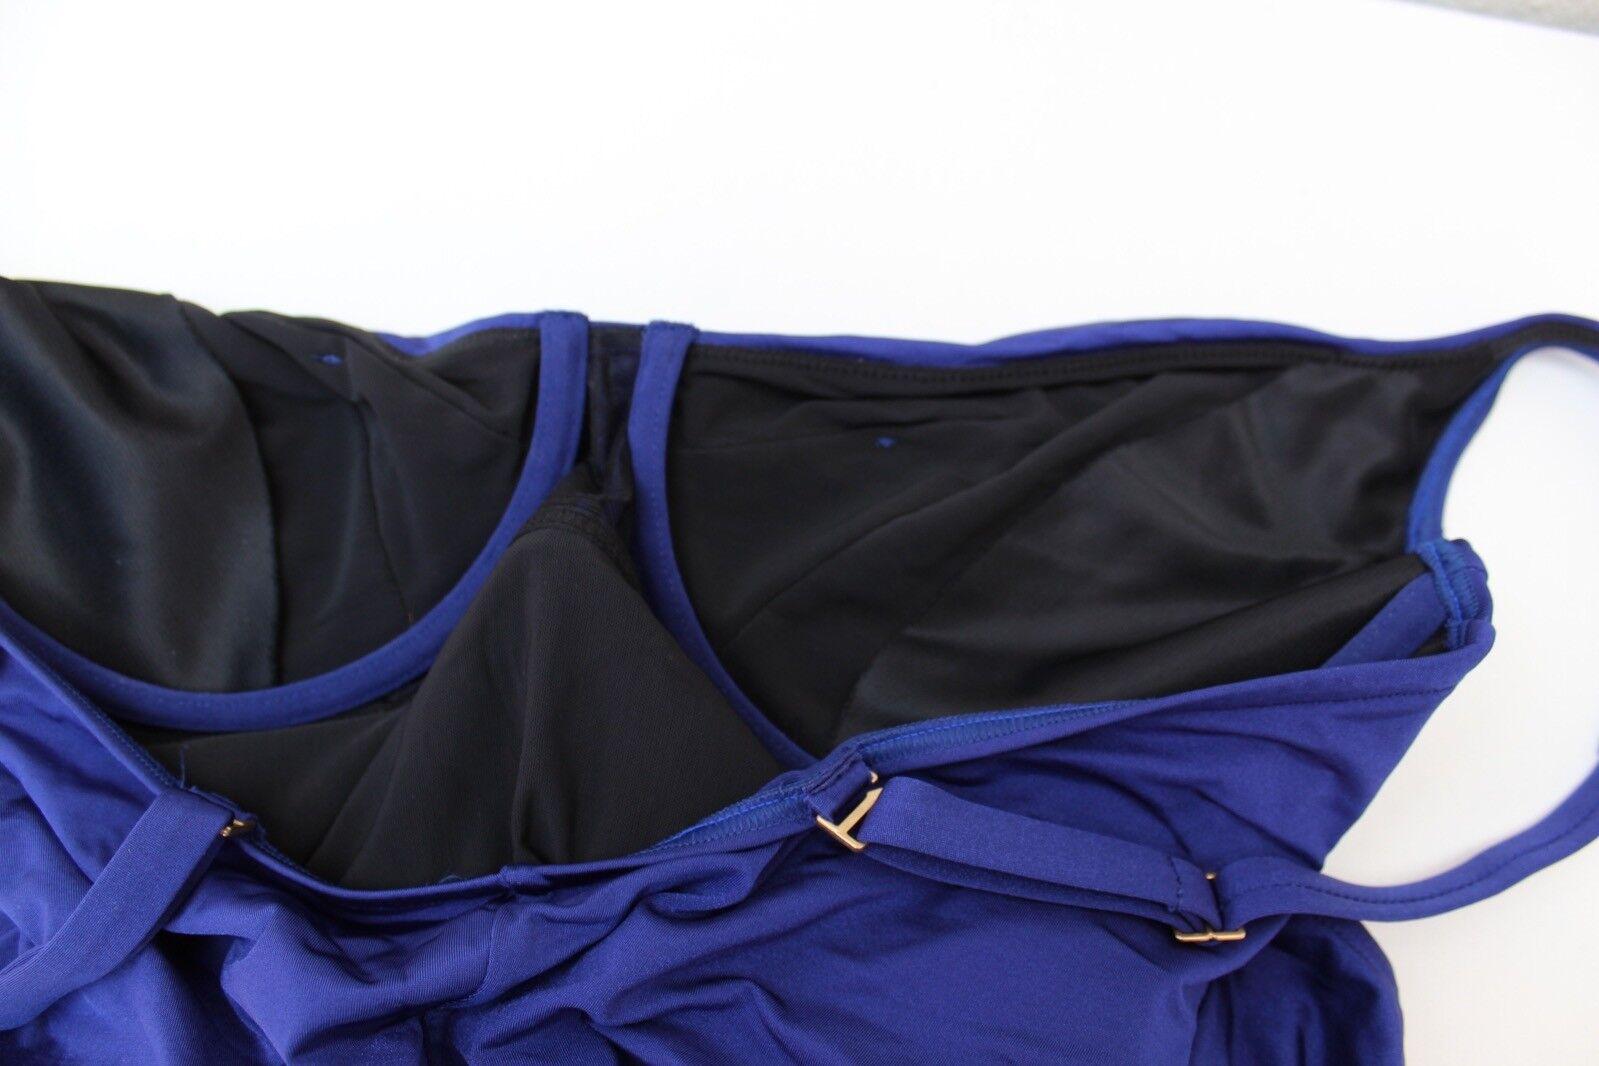 CHANTELLE Costume da bagno  tg. 80 C C C  CON STAFFA UVP  c88a1d